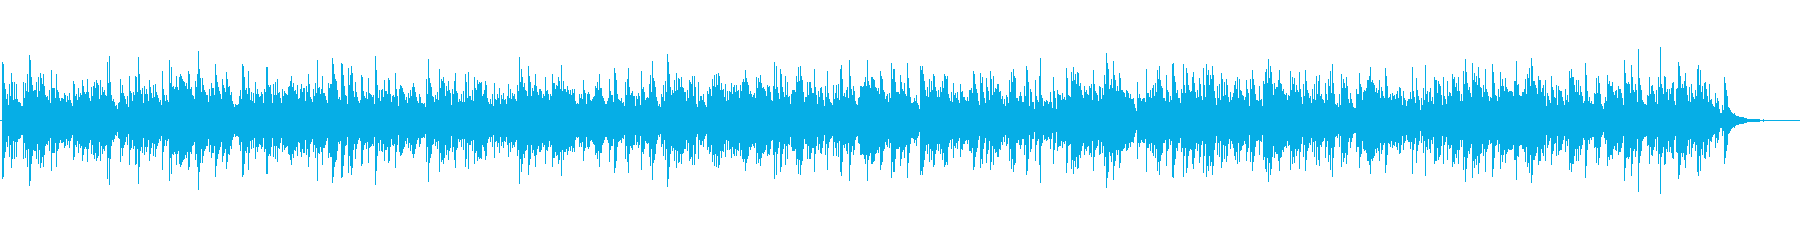 ほのぼのフォークカントリーギターデュオの再生済みの波形